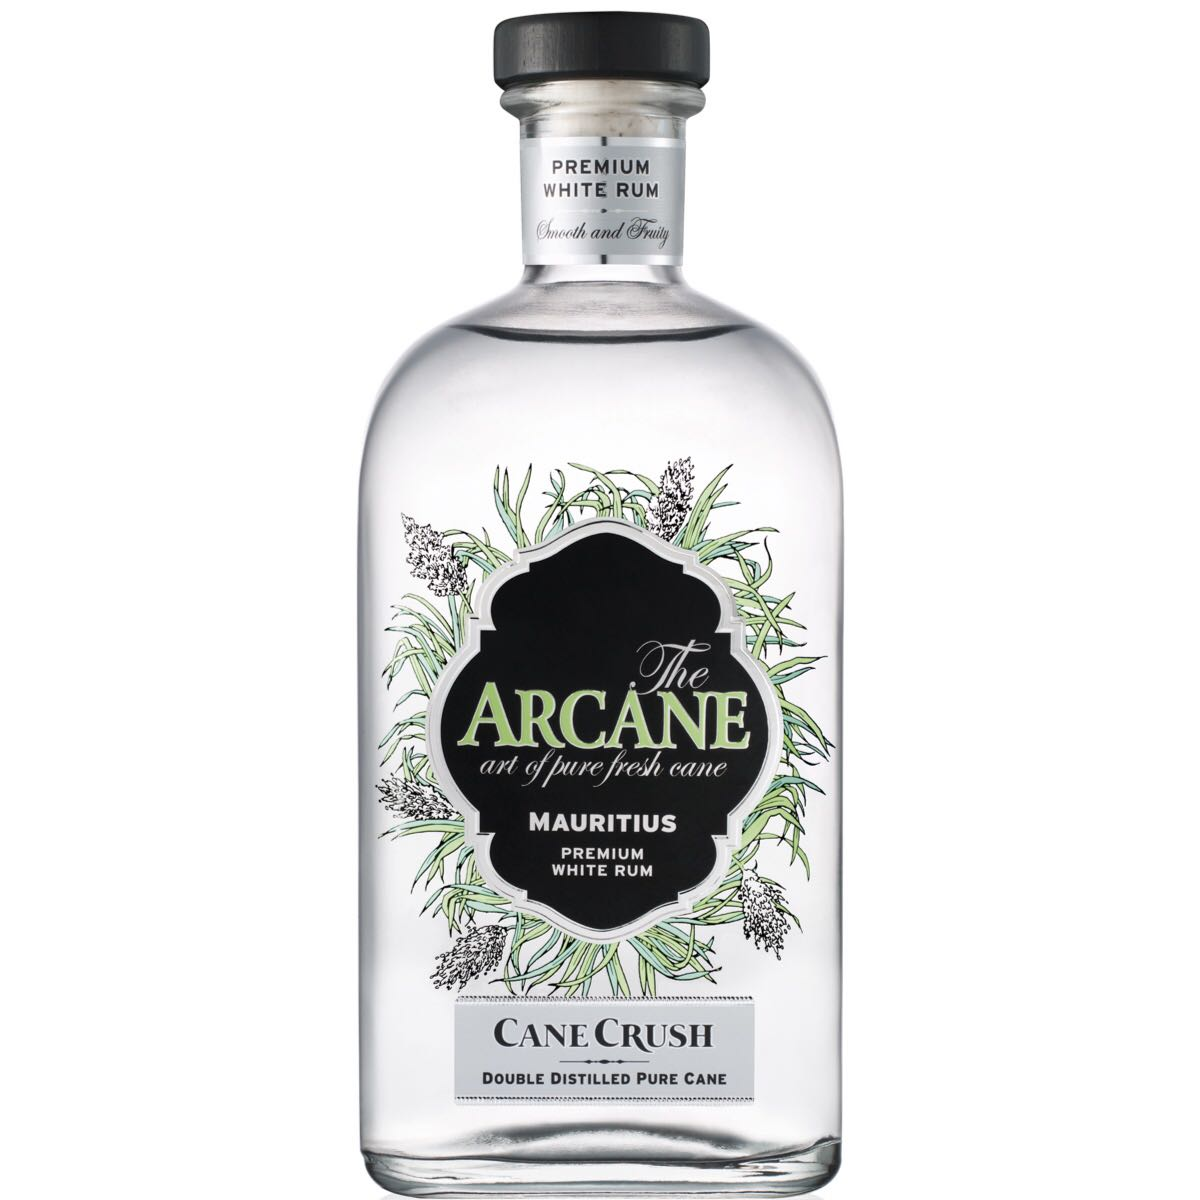 Bottle image of Arcane Cane Crush